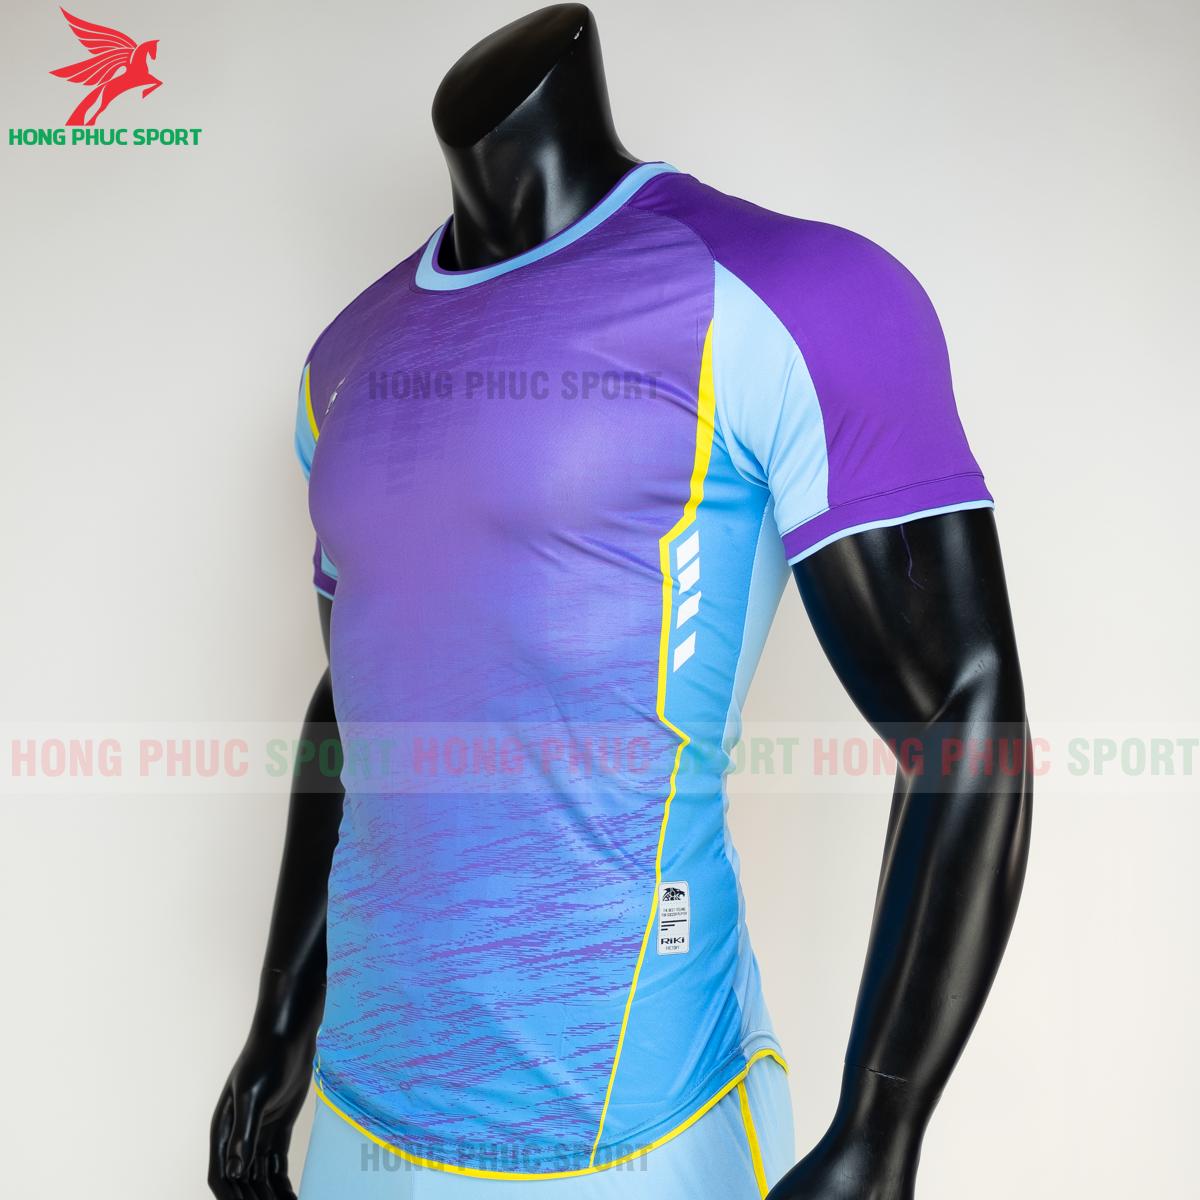 https://cdn.hongphucsport.com/unsafe/s4.shopbay.vn/files/285/ao-bong-da-khong-logo-riki-grambor-mau-xanh-da-3-60506183b3a35.png